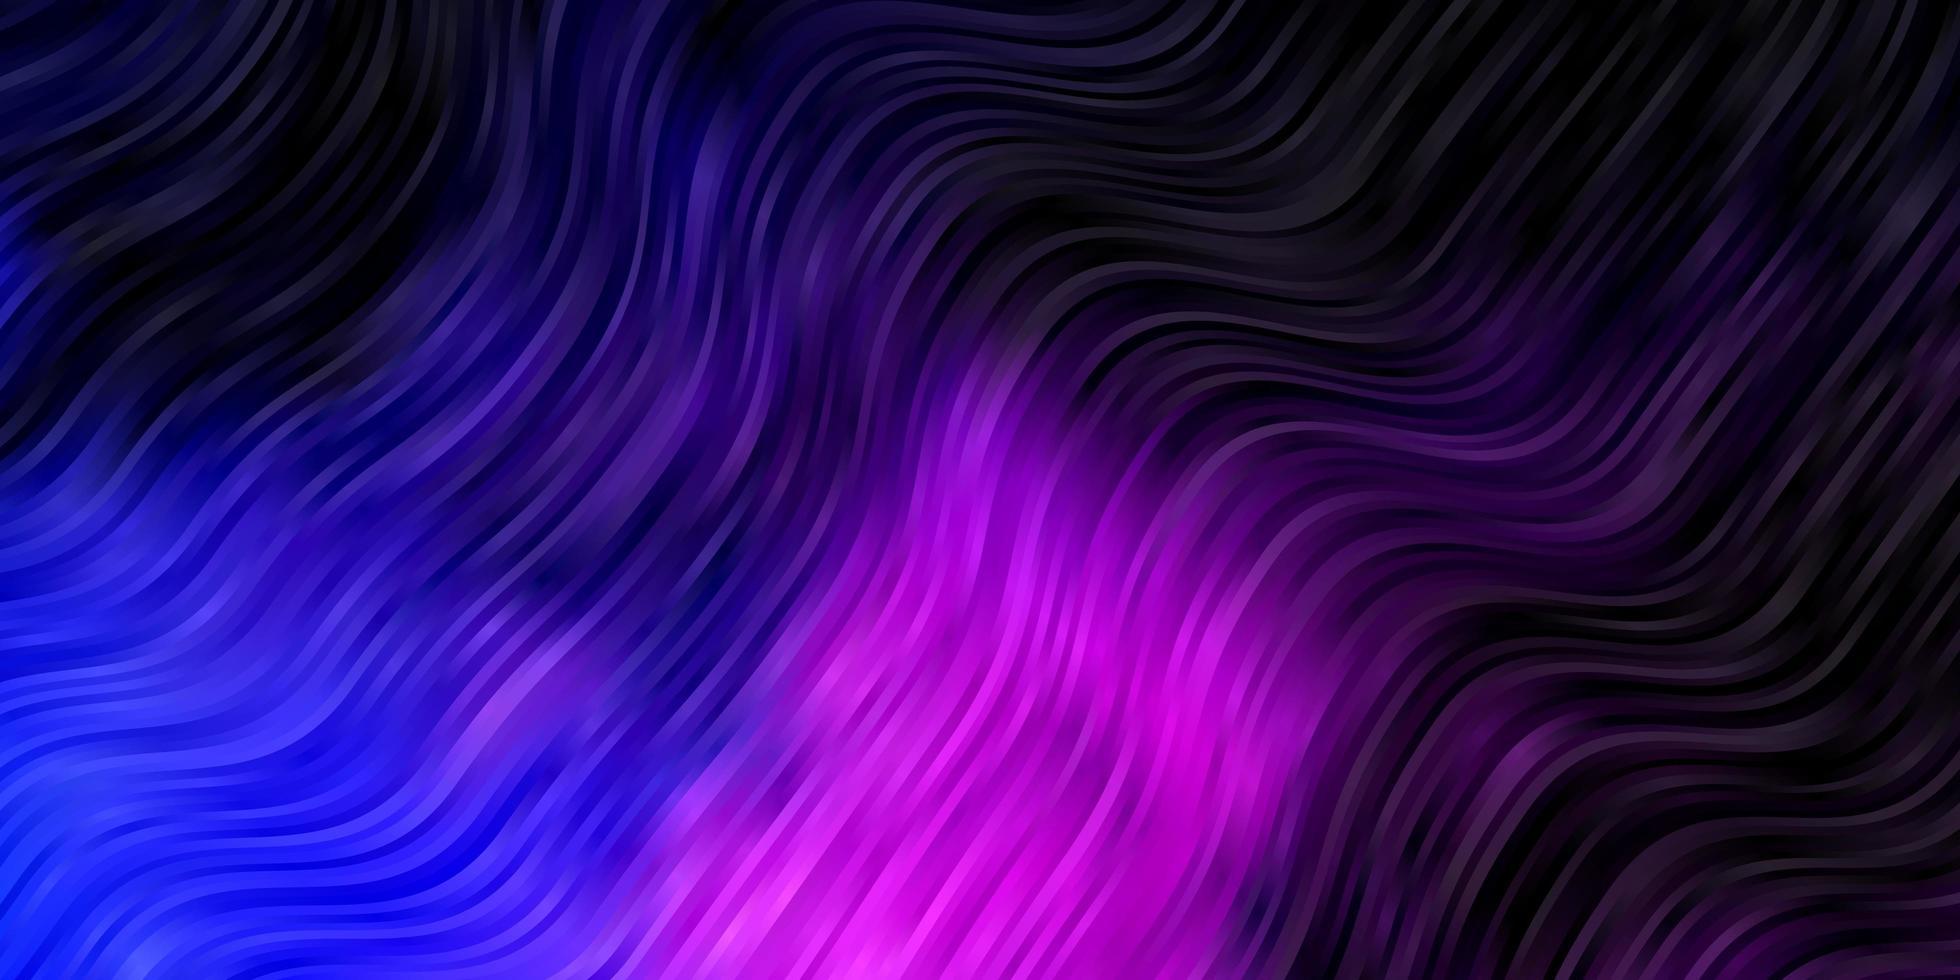 dunkelrosa, blauer Vektorhintergrund mit Linien. vektor